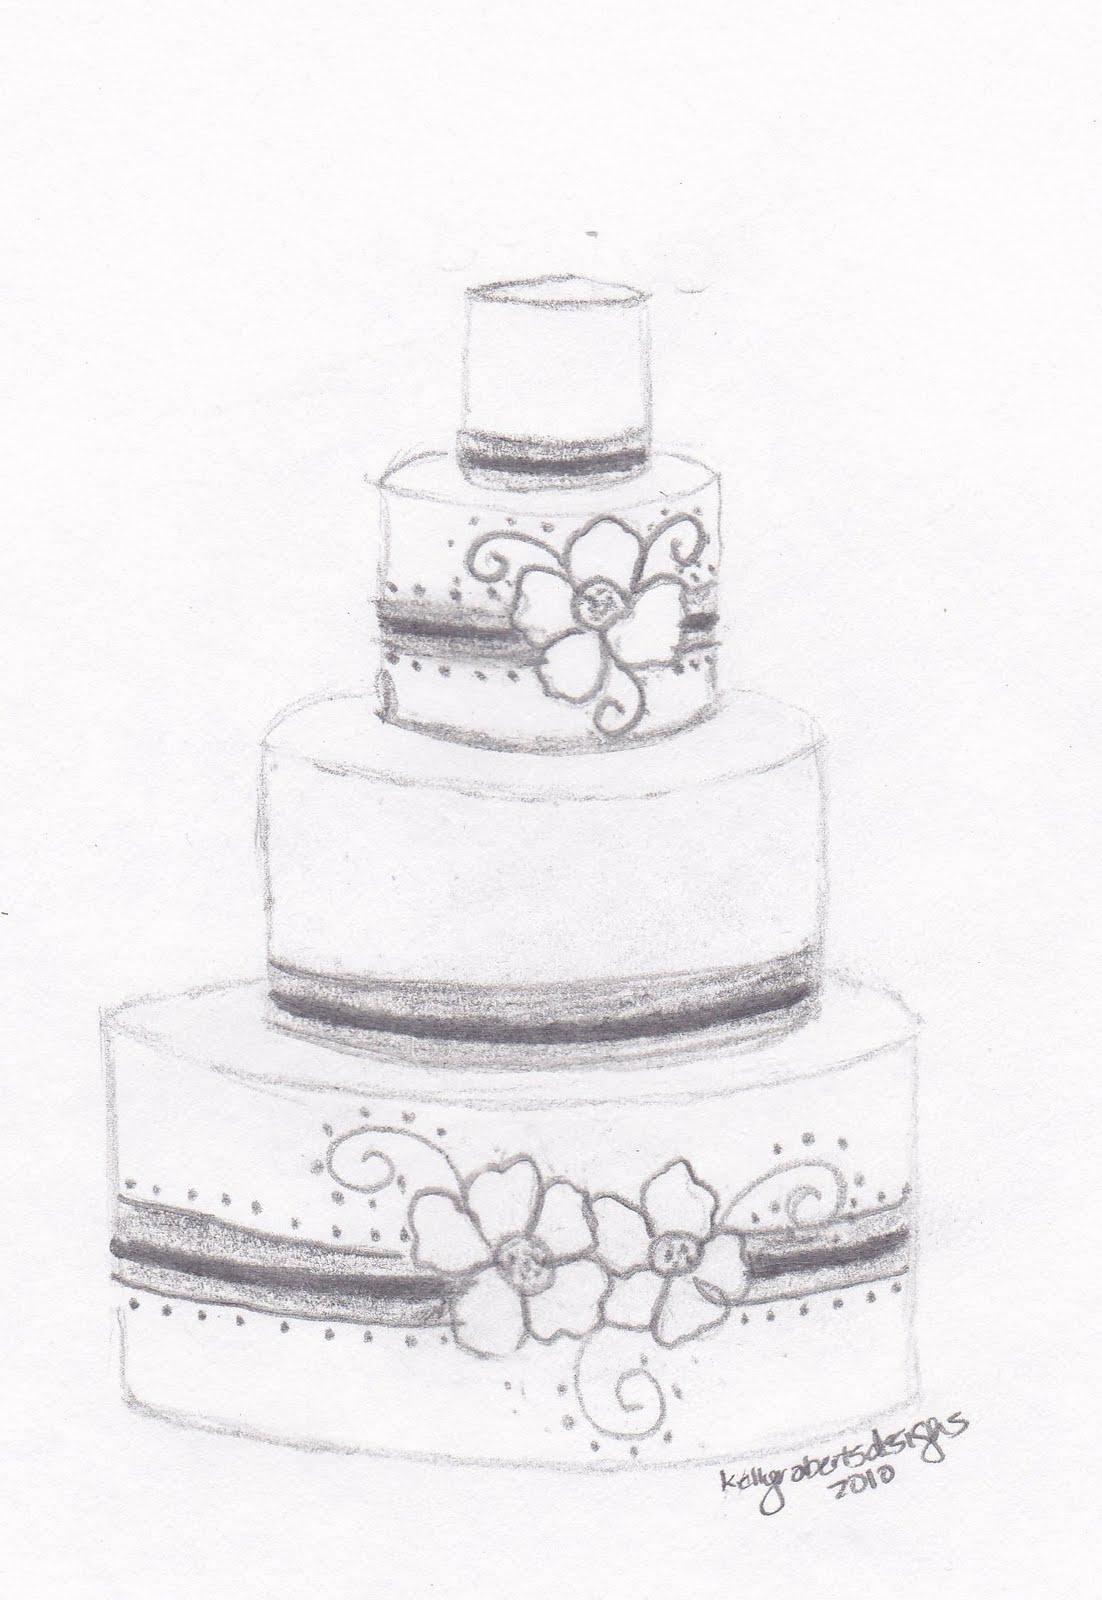 Sketch A Cake Design : Kelly Roberts Designs: Wedding or Celebration Cake Design ...